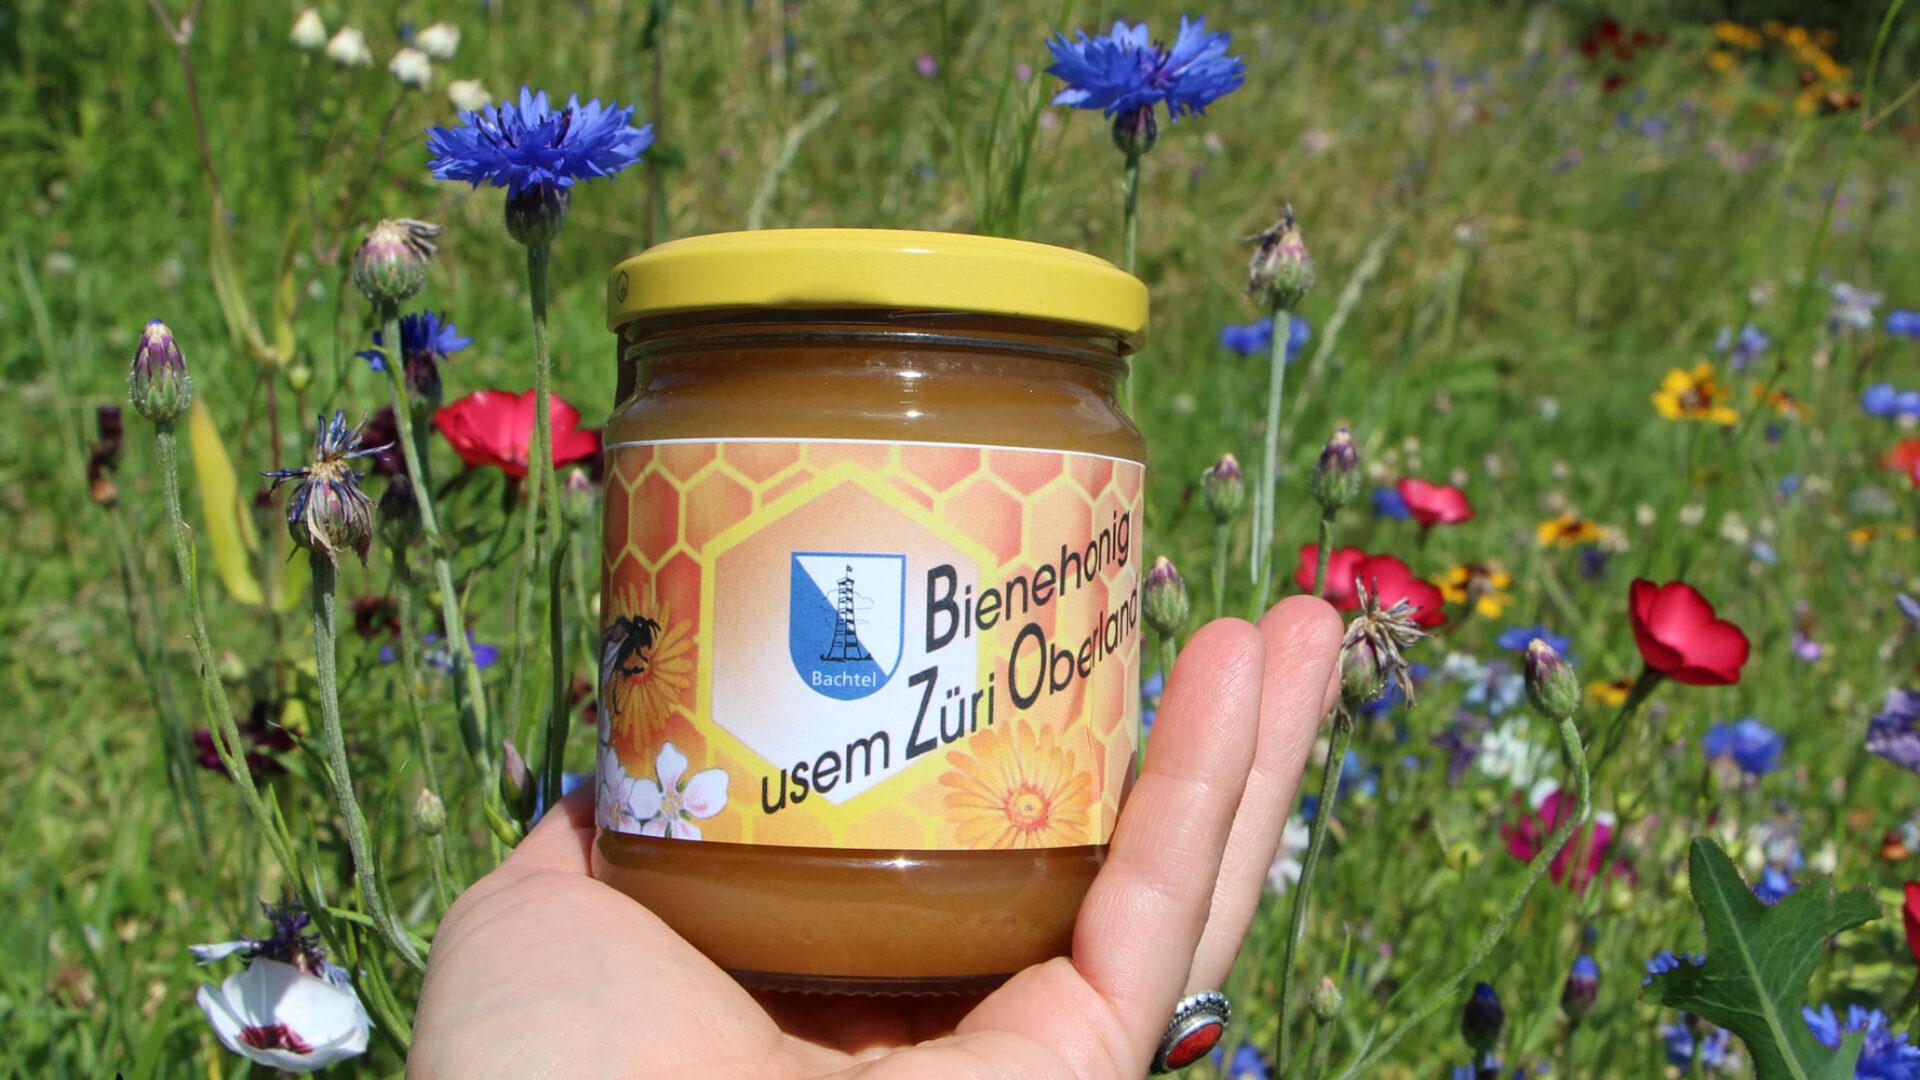 Zürioberländer Honigglas